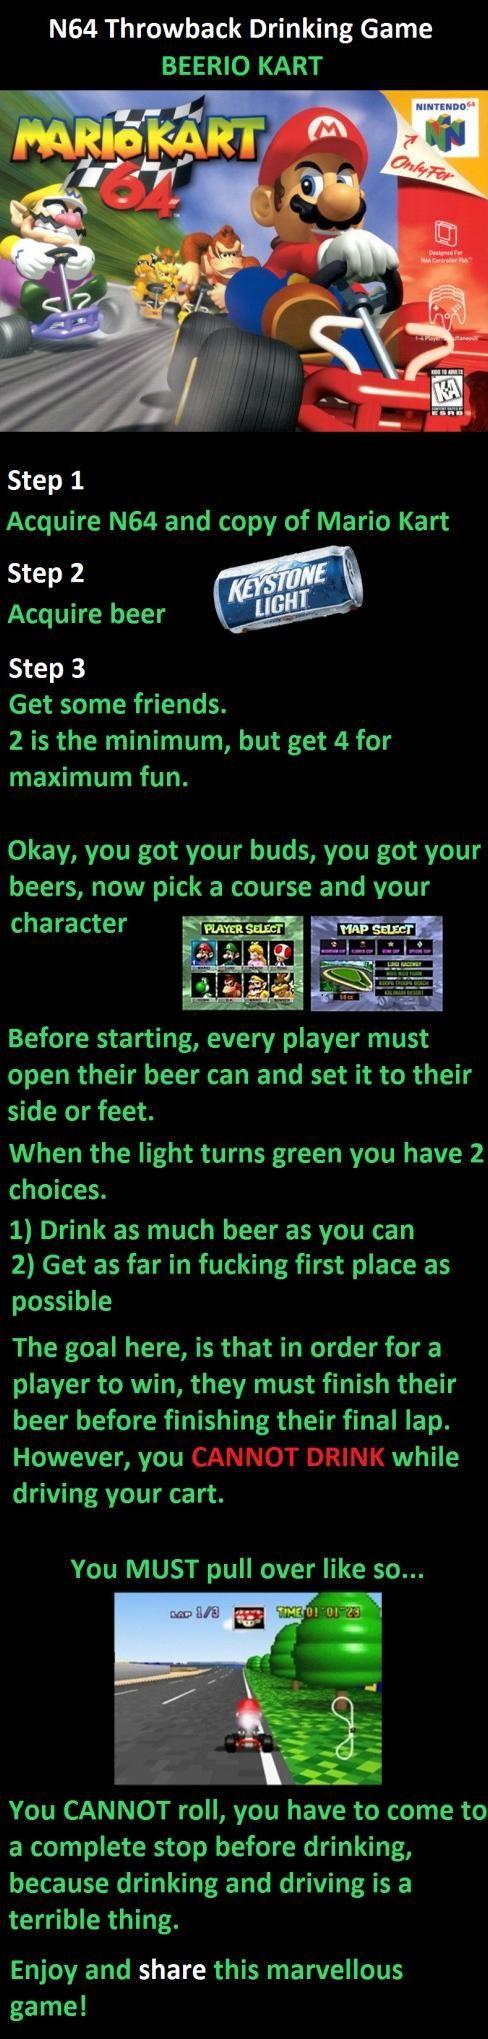 Beerio Kart